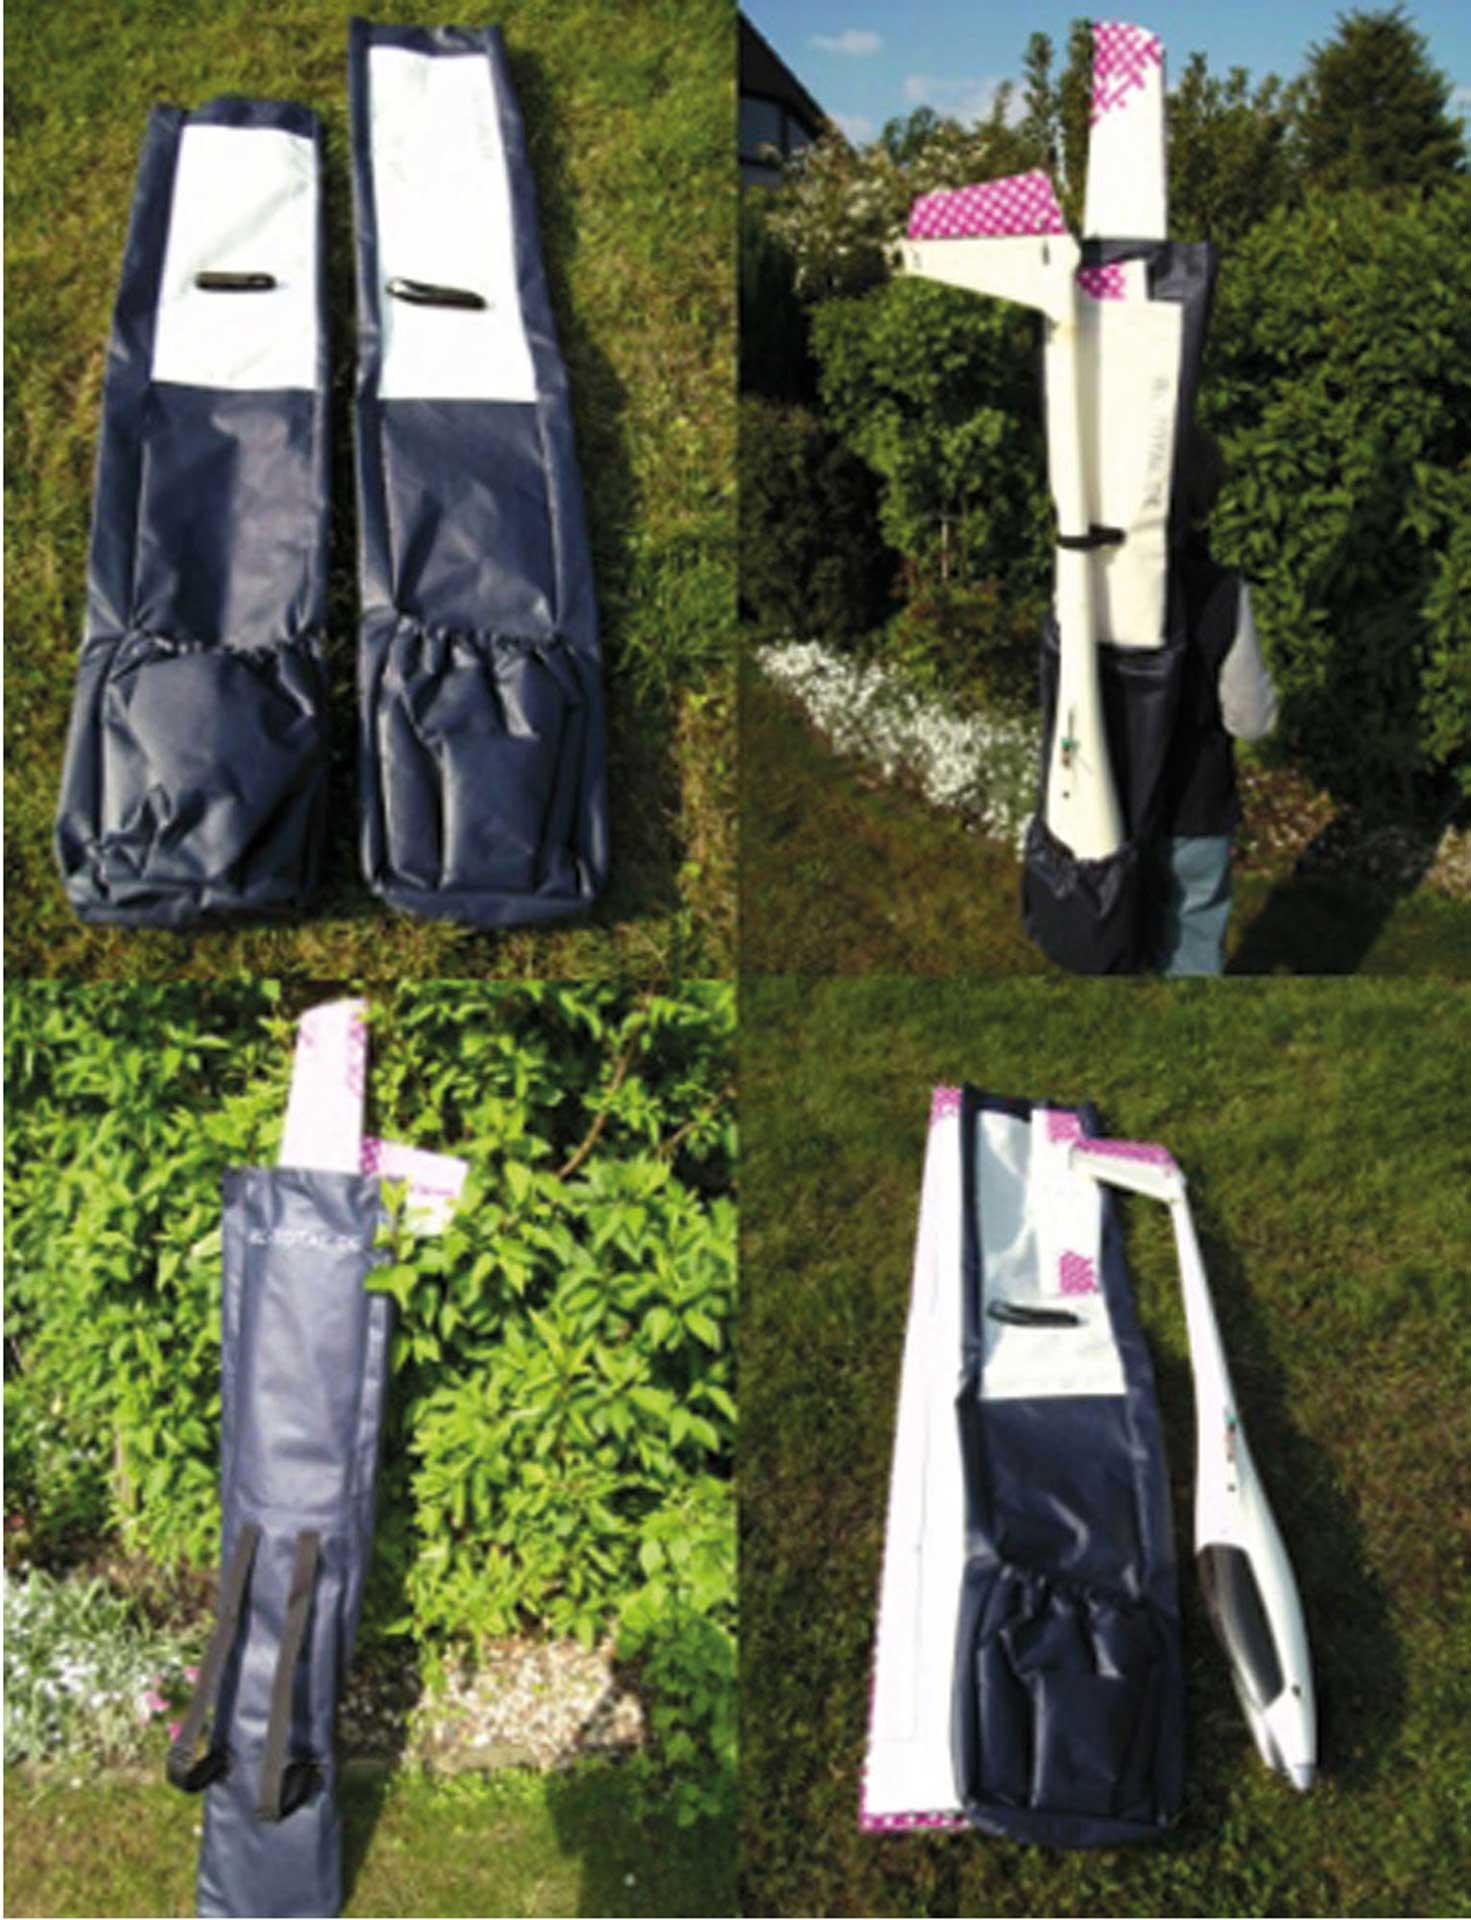 MODELLBAU LINDINGER MODEL BACKPACK 175 ECO 175/34/13CM TRANSPORT BACKPACK FOR GLIDERS